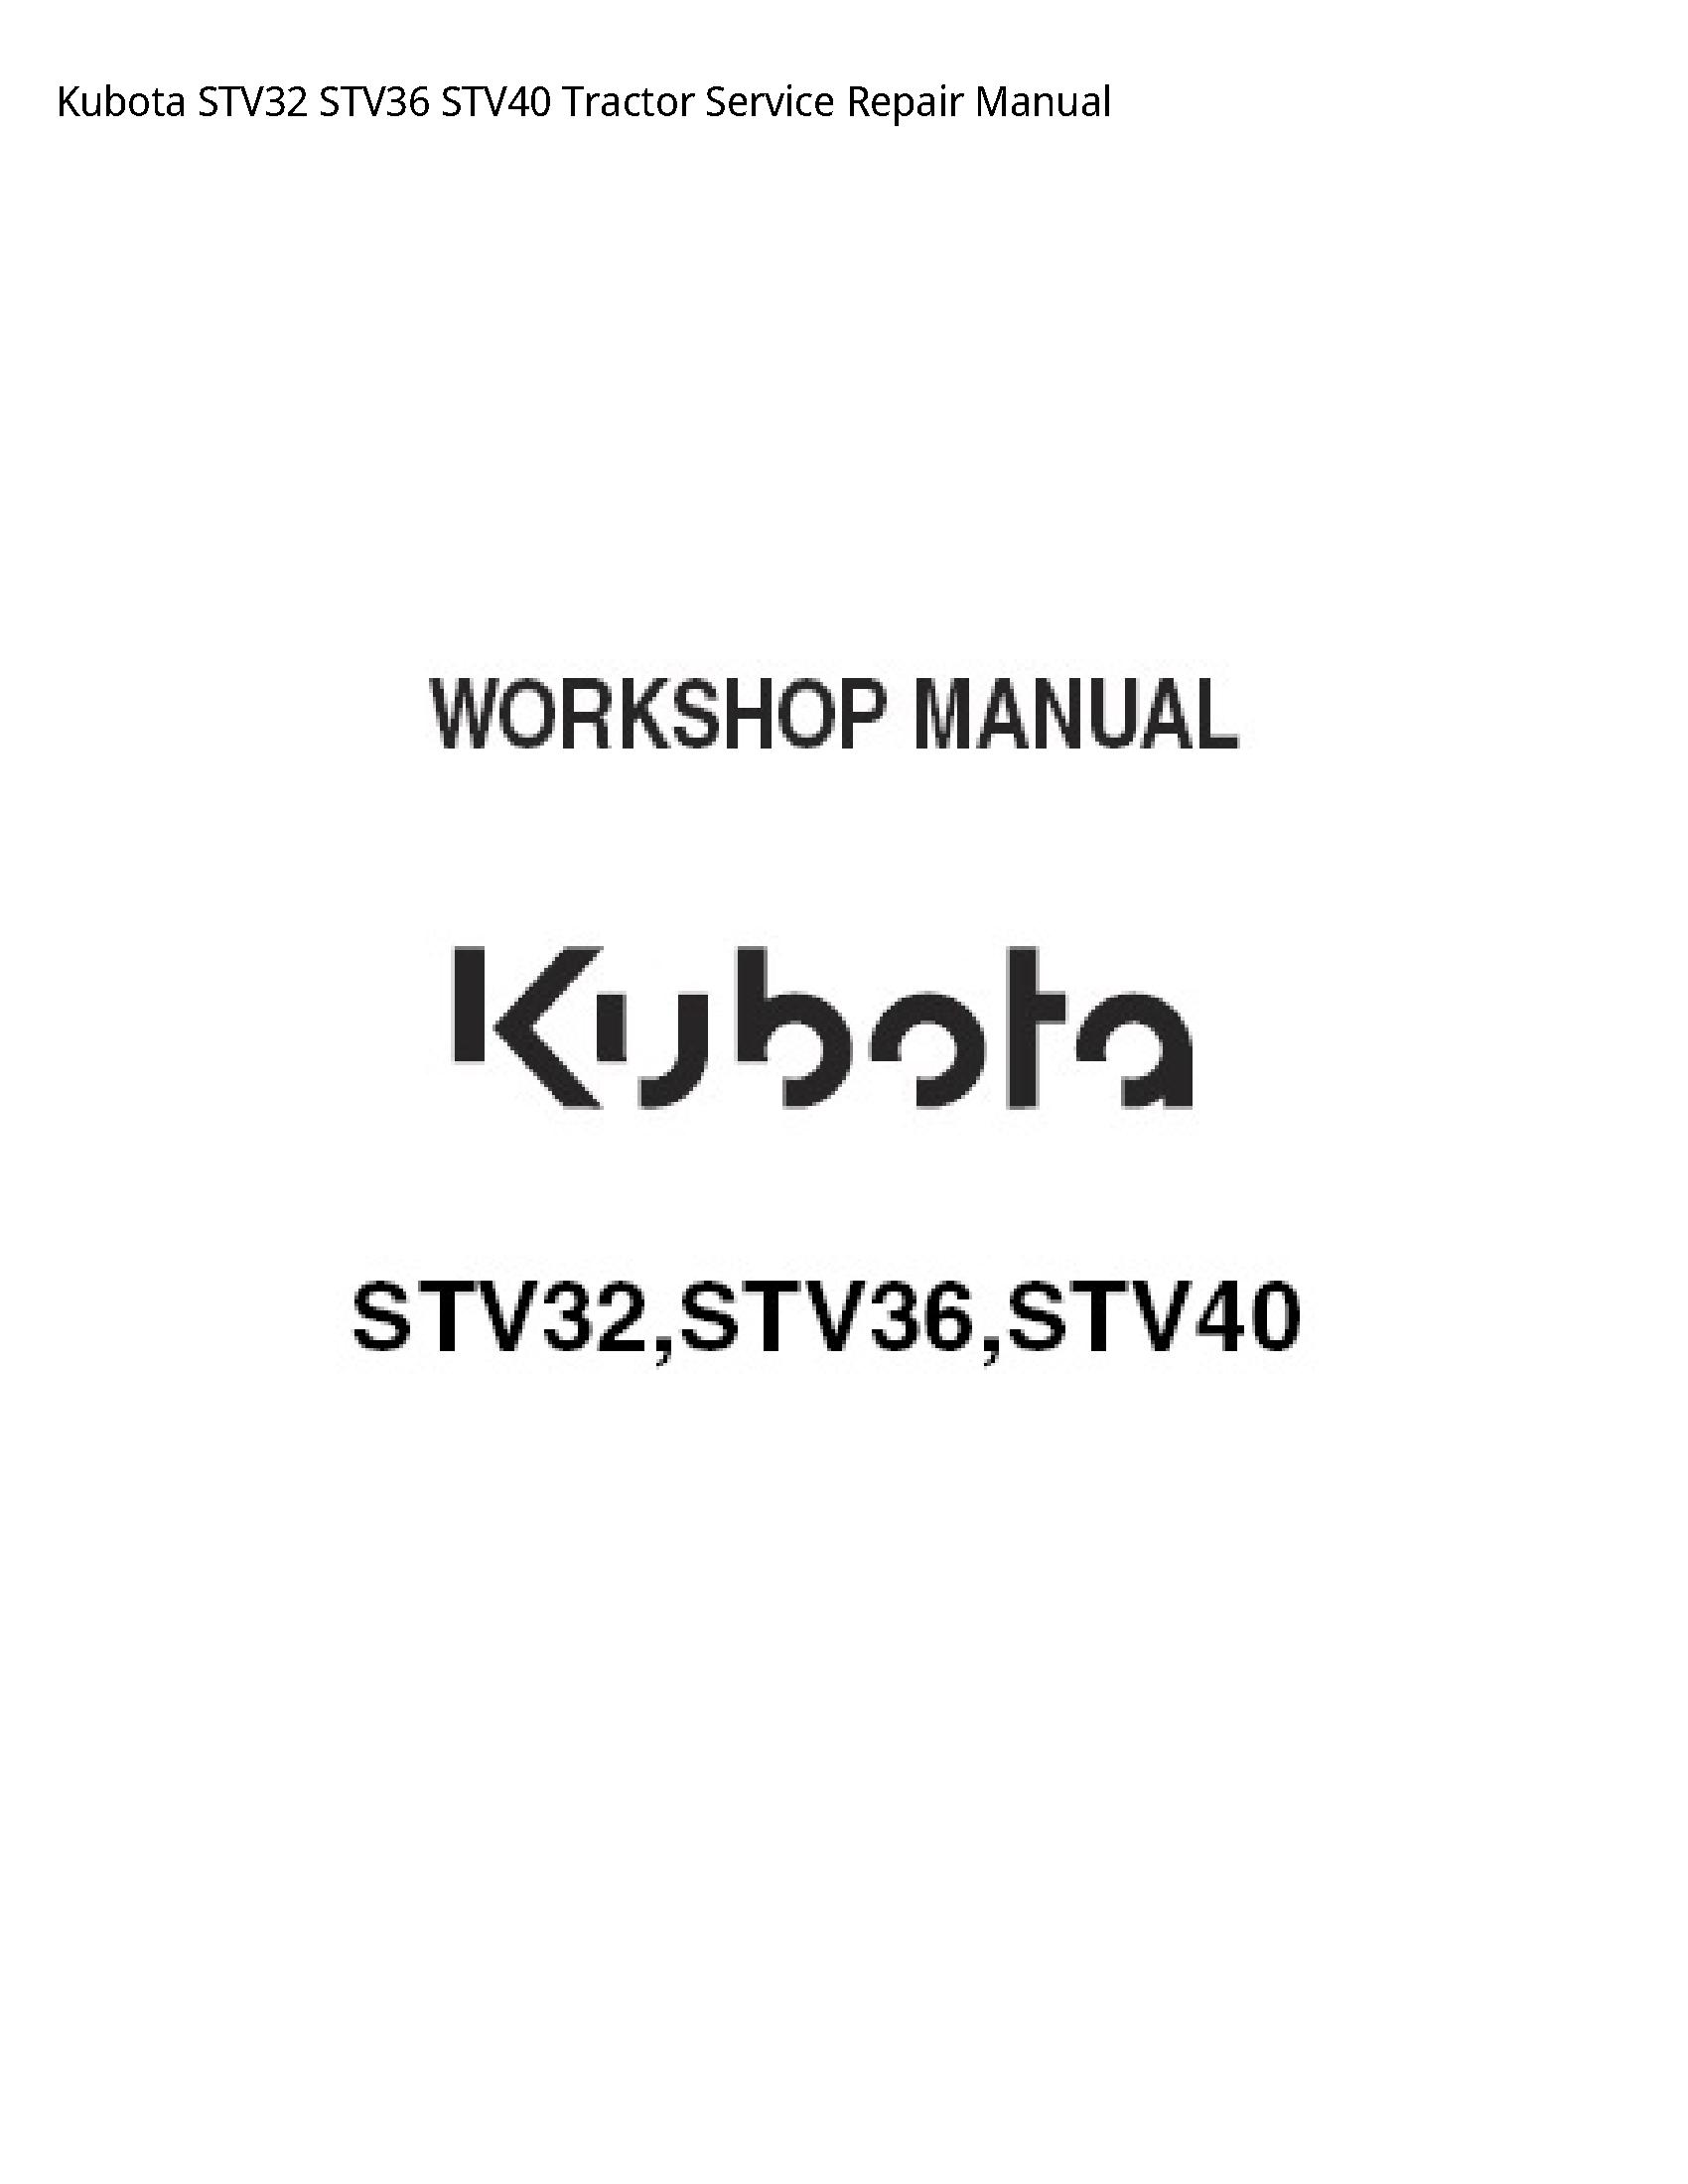 Kubota STV32 Tractor manual